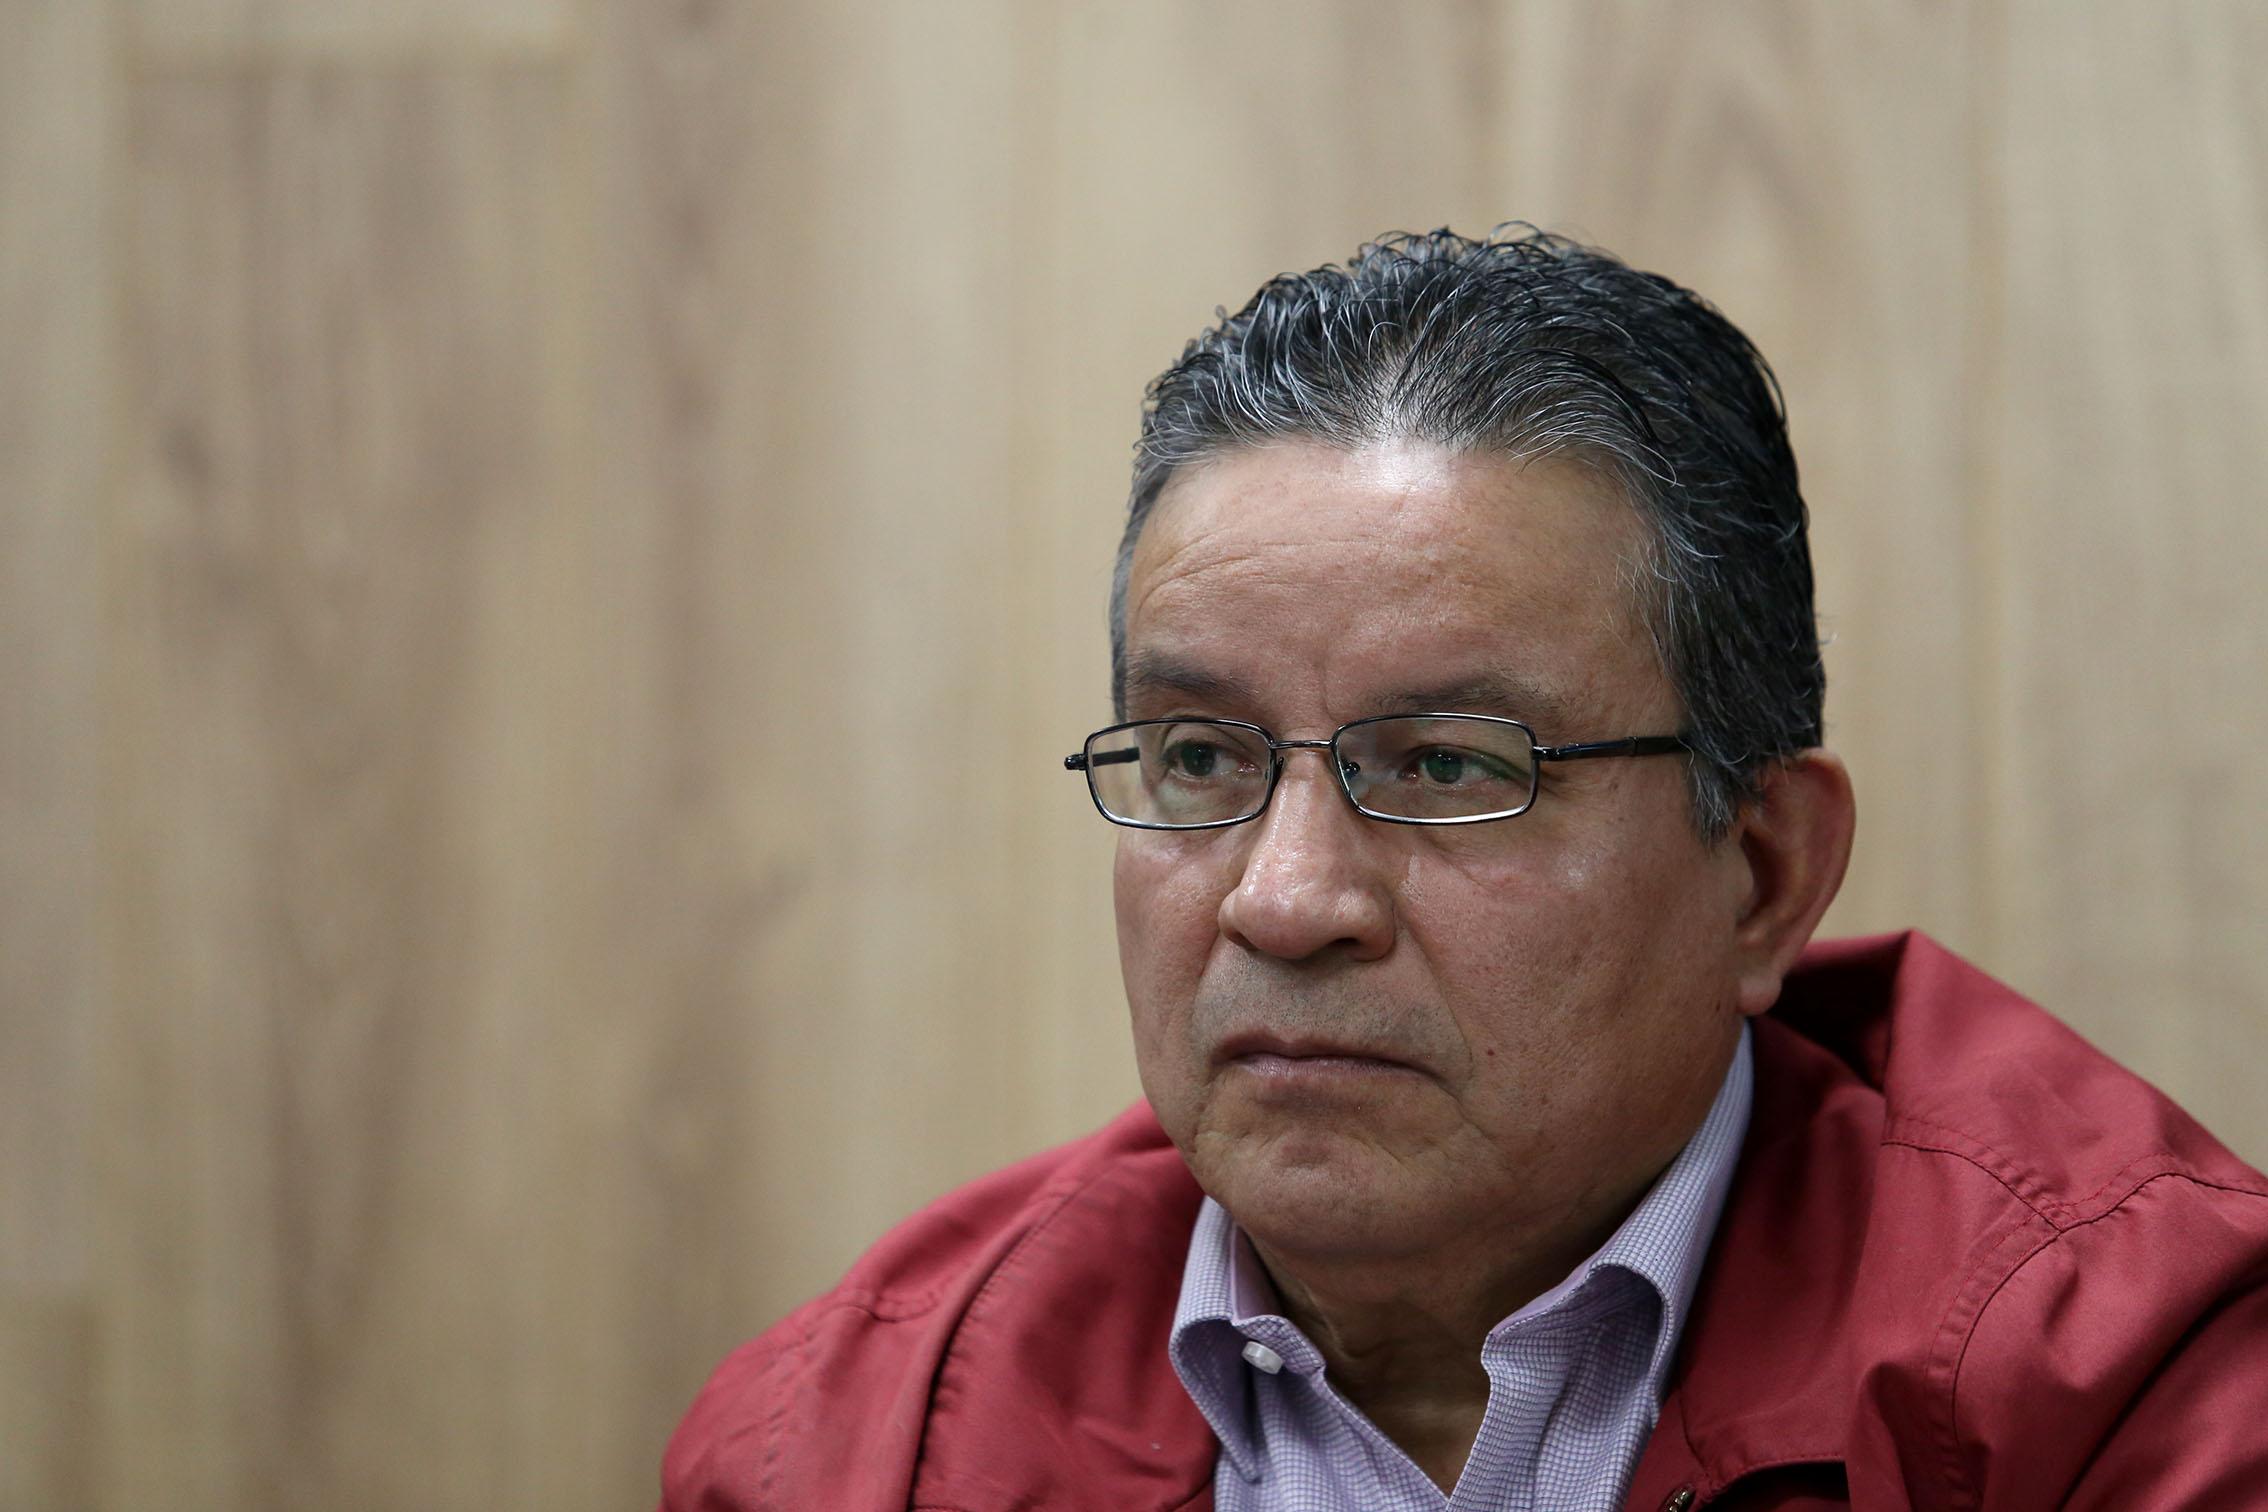 El doctor José de Jesús Gutiérrez observa en silencio